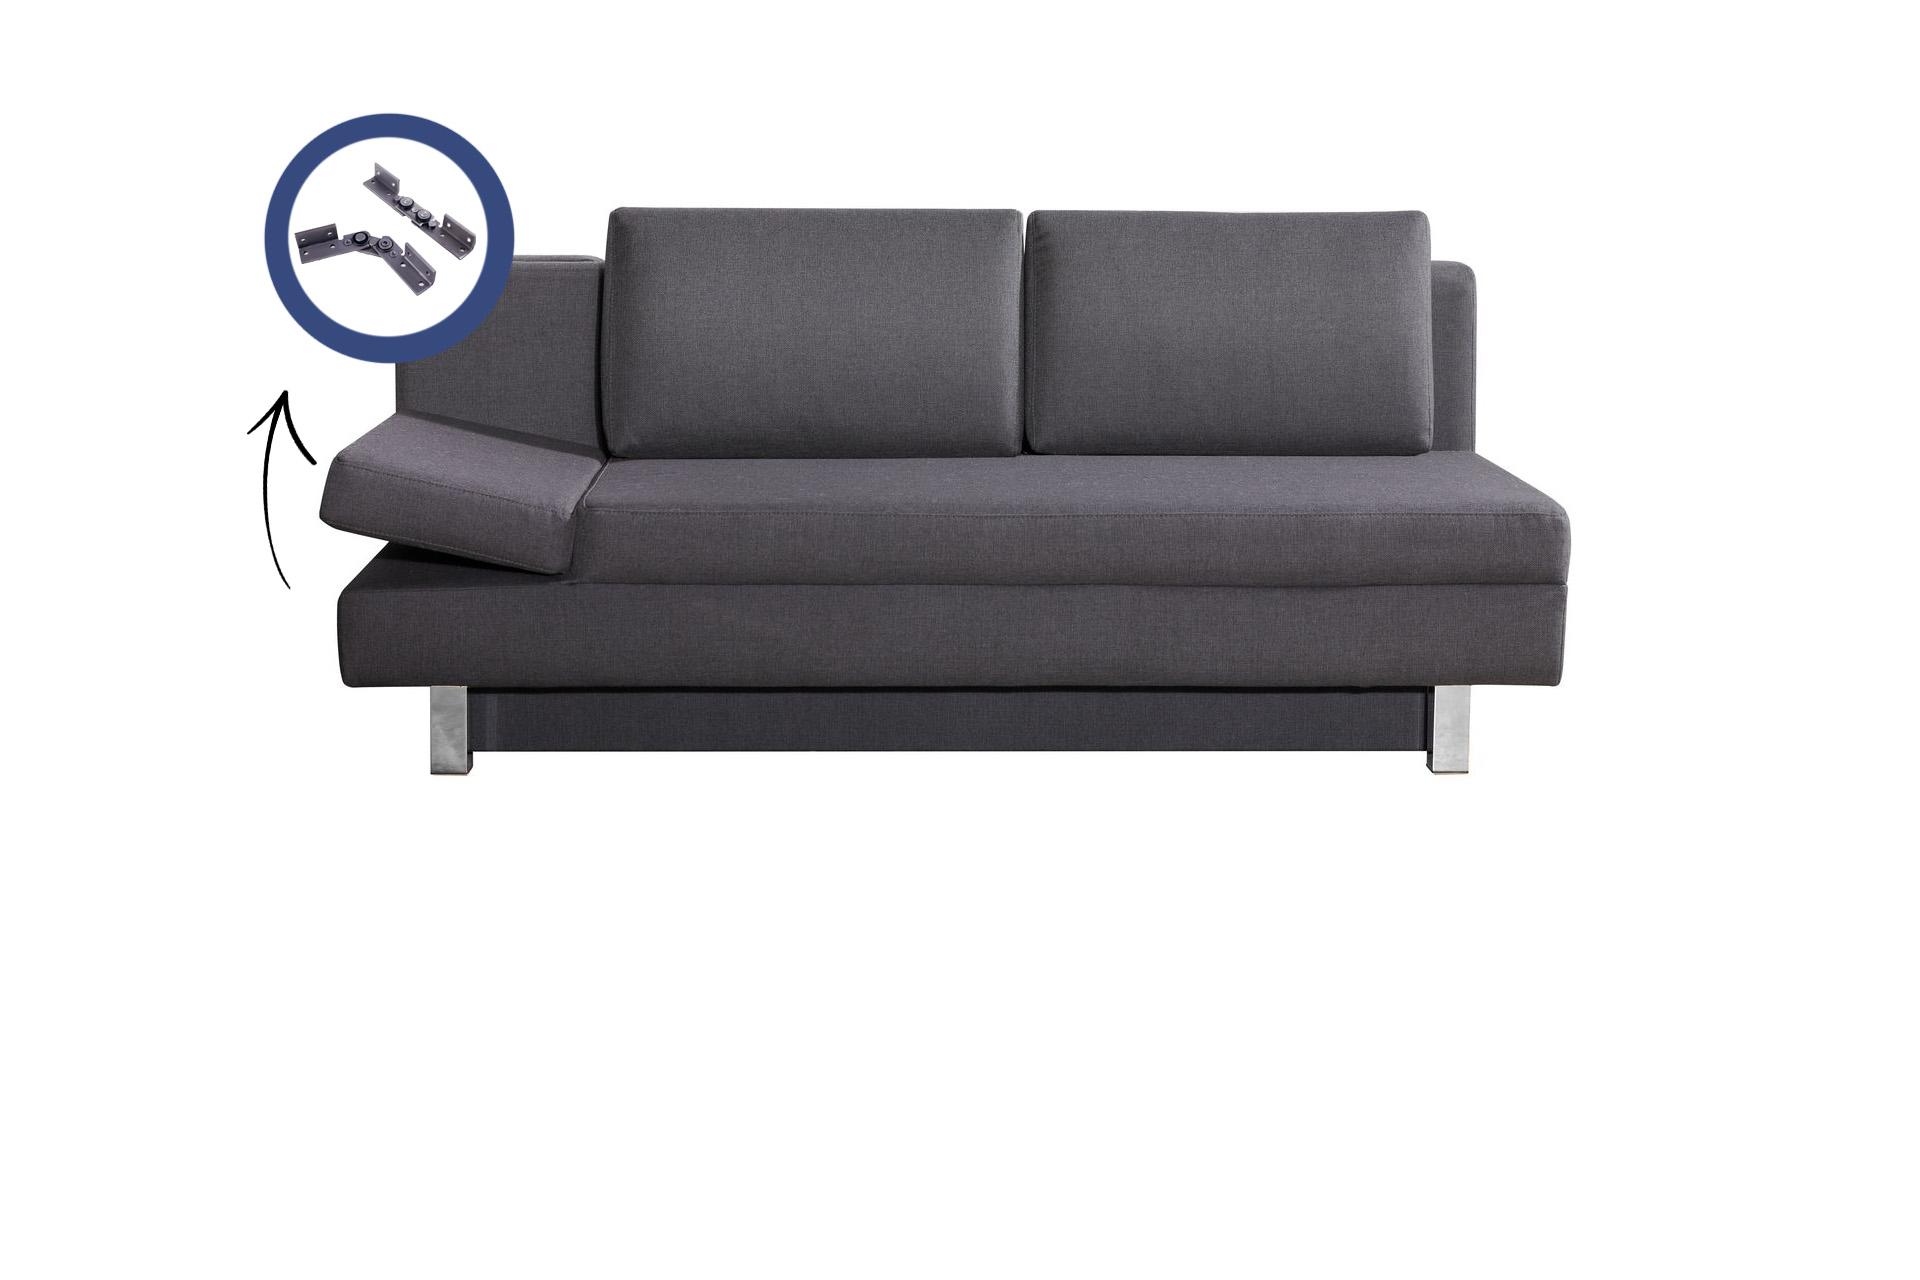 Polstergelenke in Couch verbaut